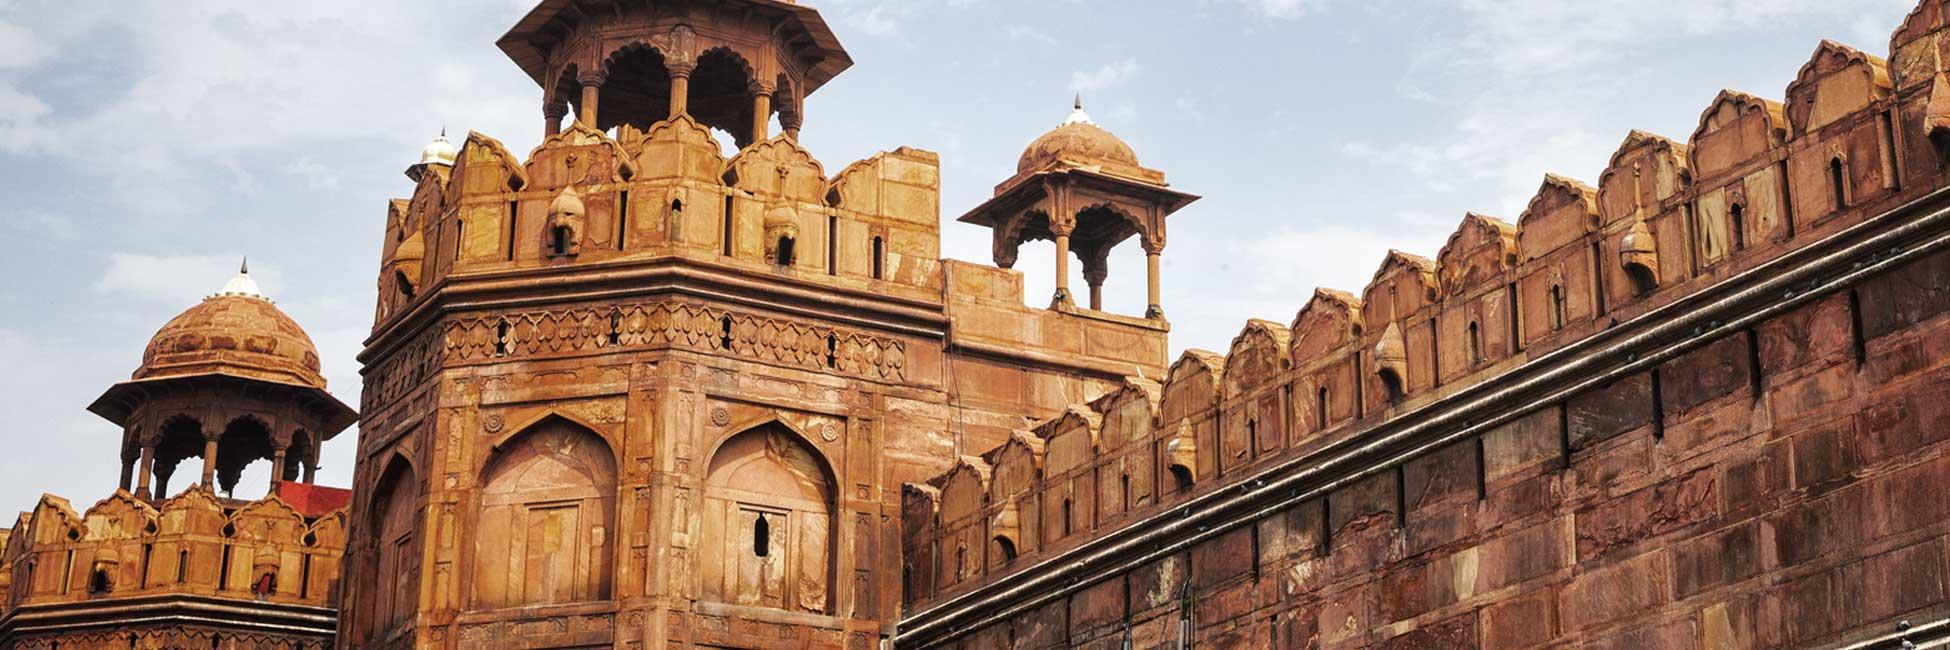 New Delhi - Bain & Company